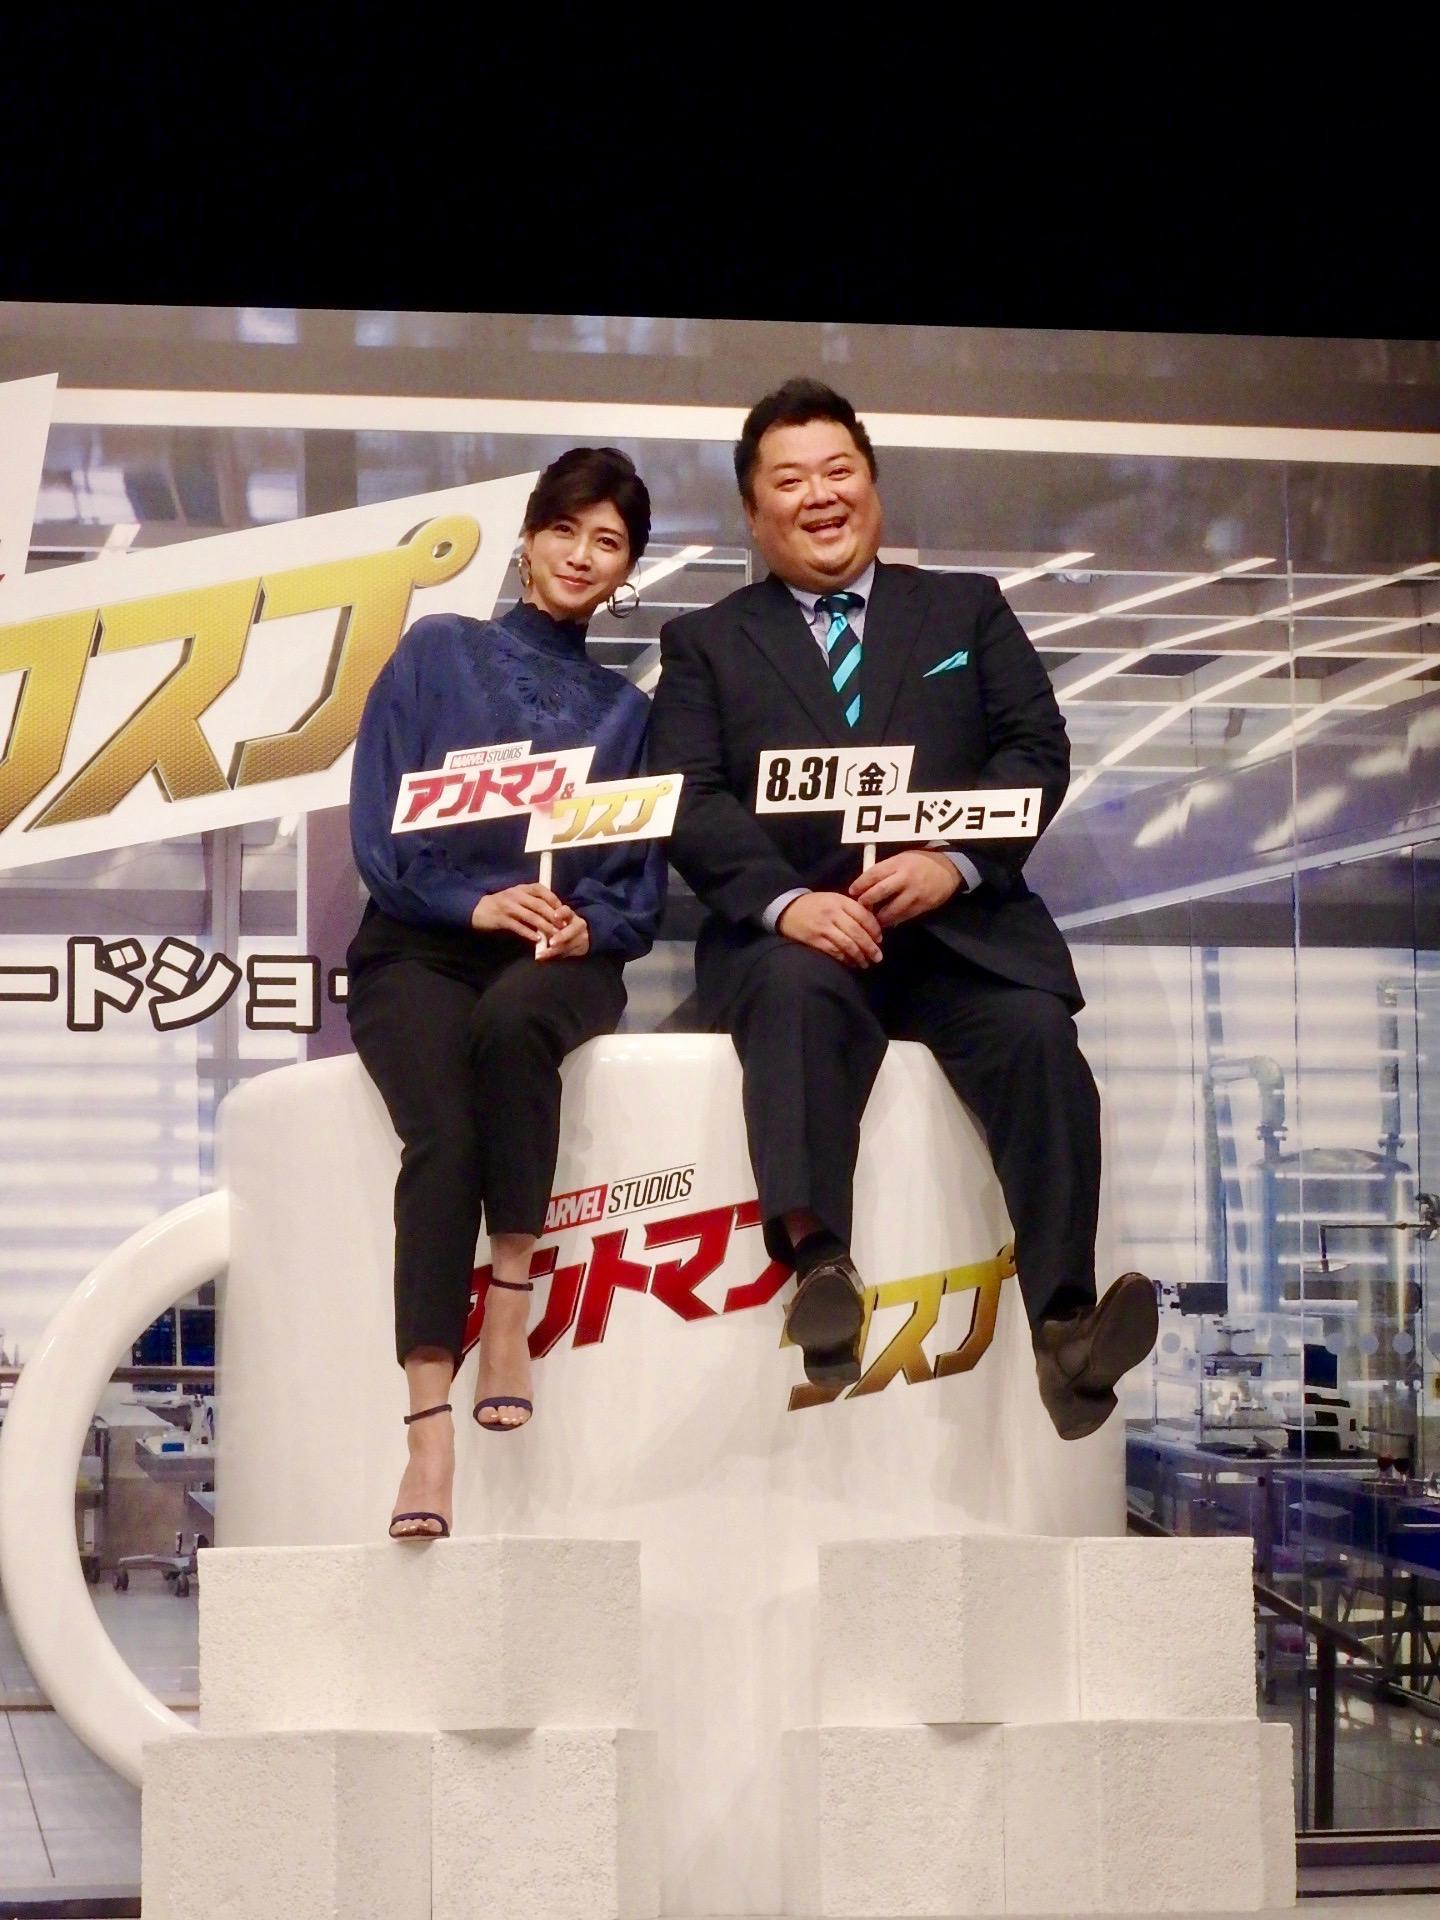 http://news.yoshimoto.co.jp/20180708155024-963d9fdb0aa4f42141096f6bc0d390315b6cc167.jpg